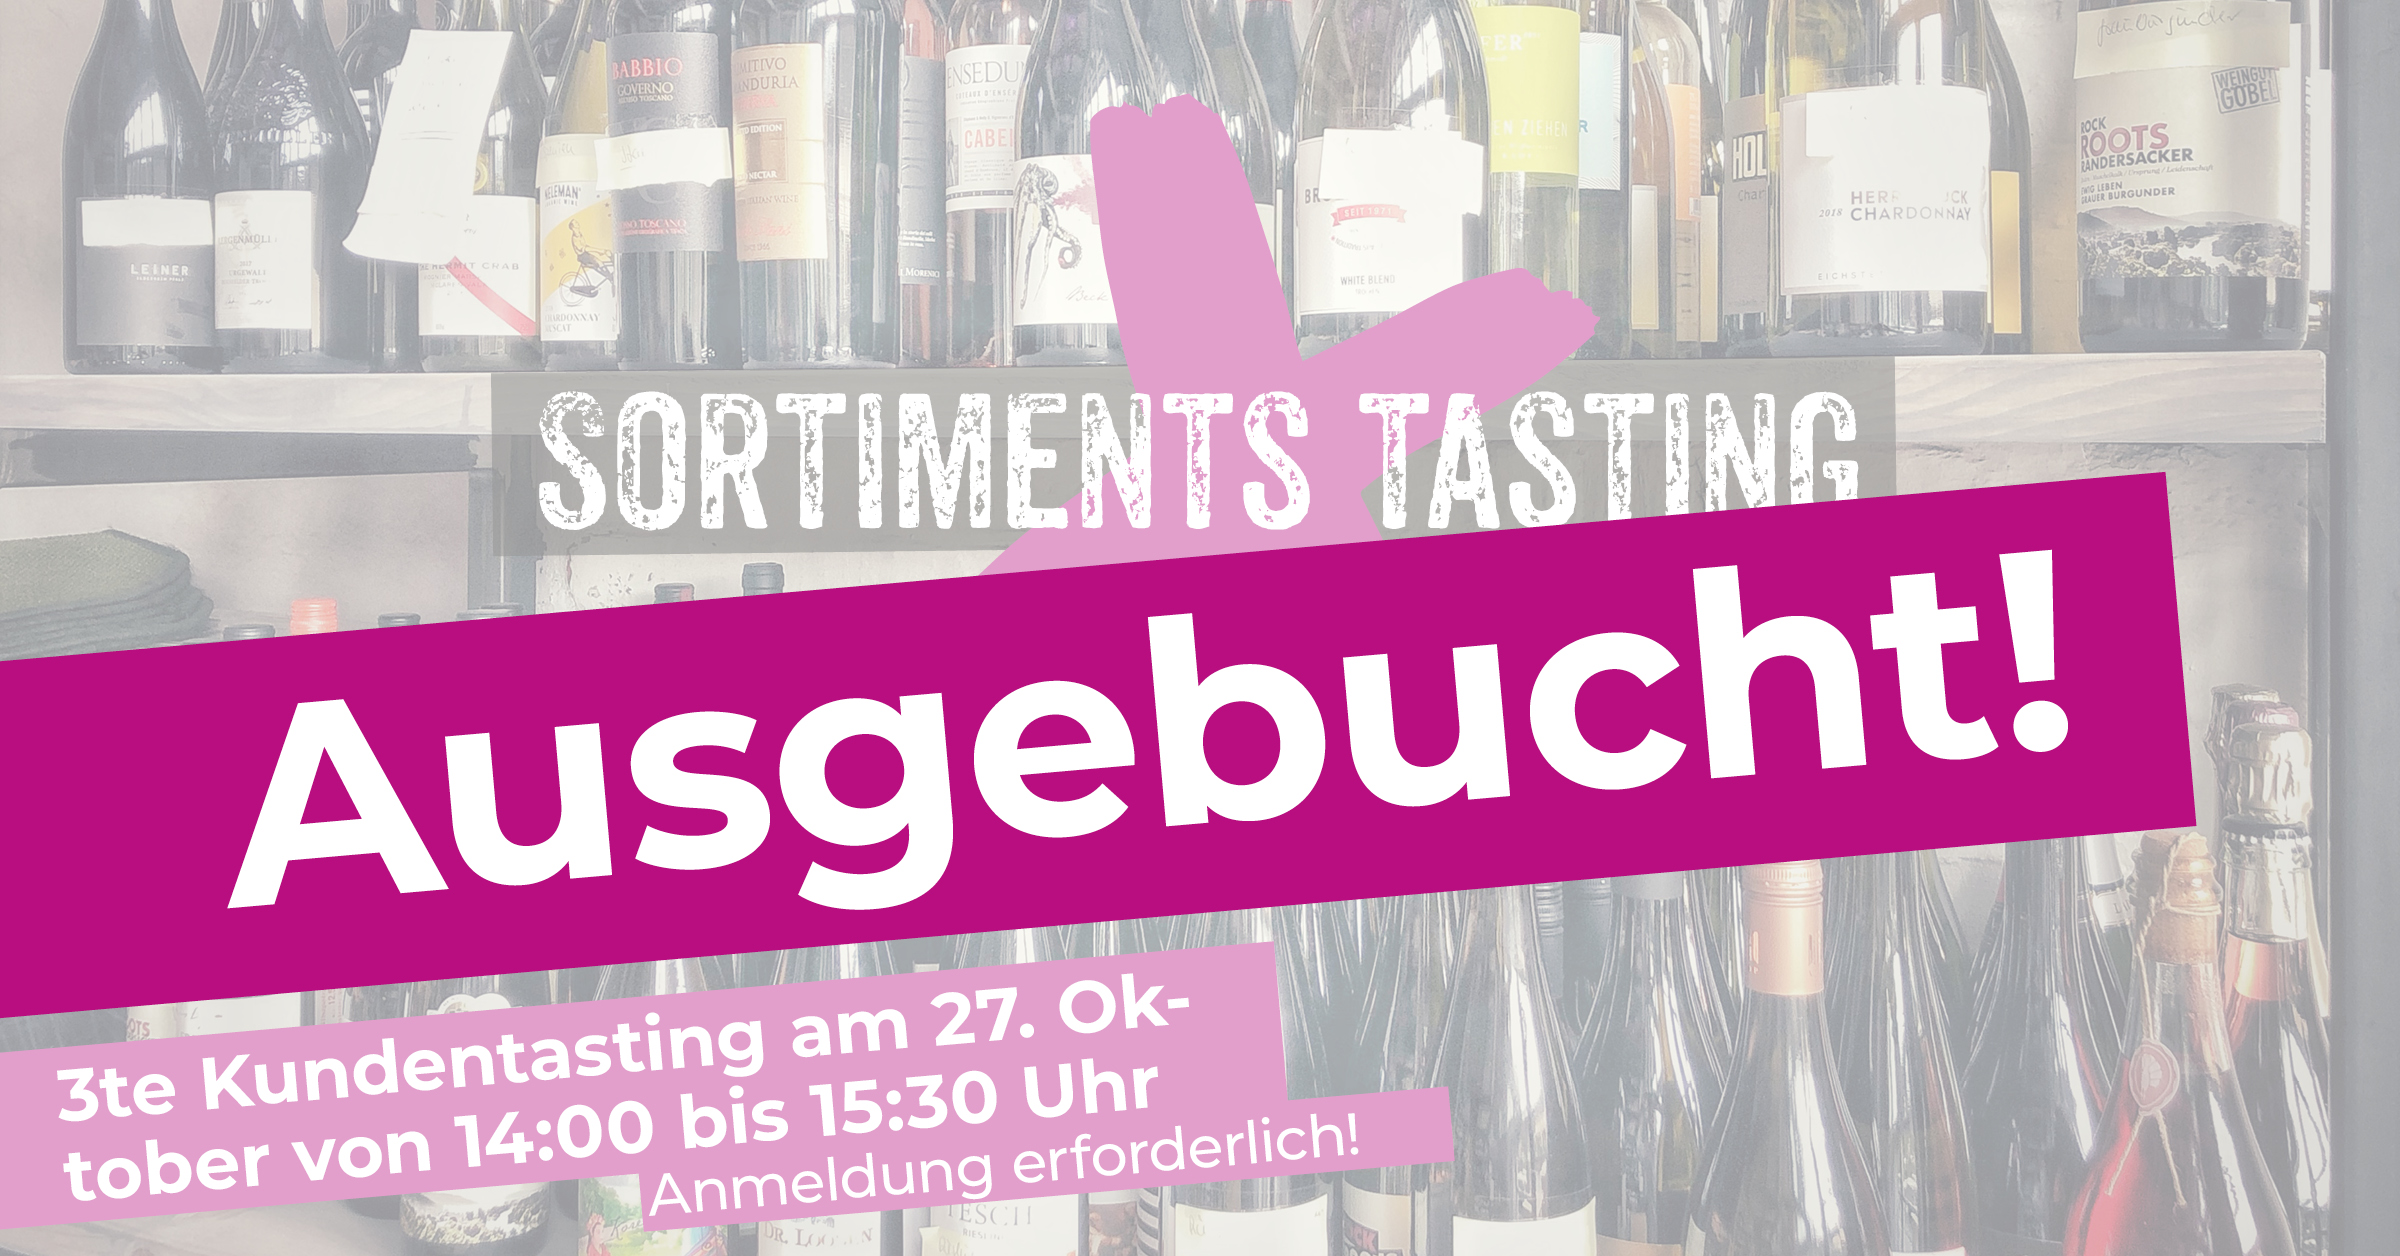 3te Weintasting mit Kunden ud Gästen im WINE HOUSE Krefeld auf dem Großmarkt